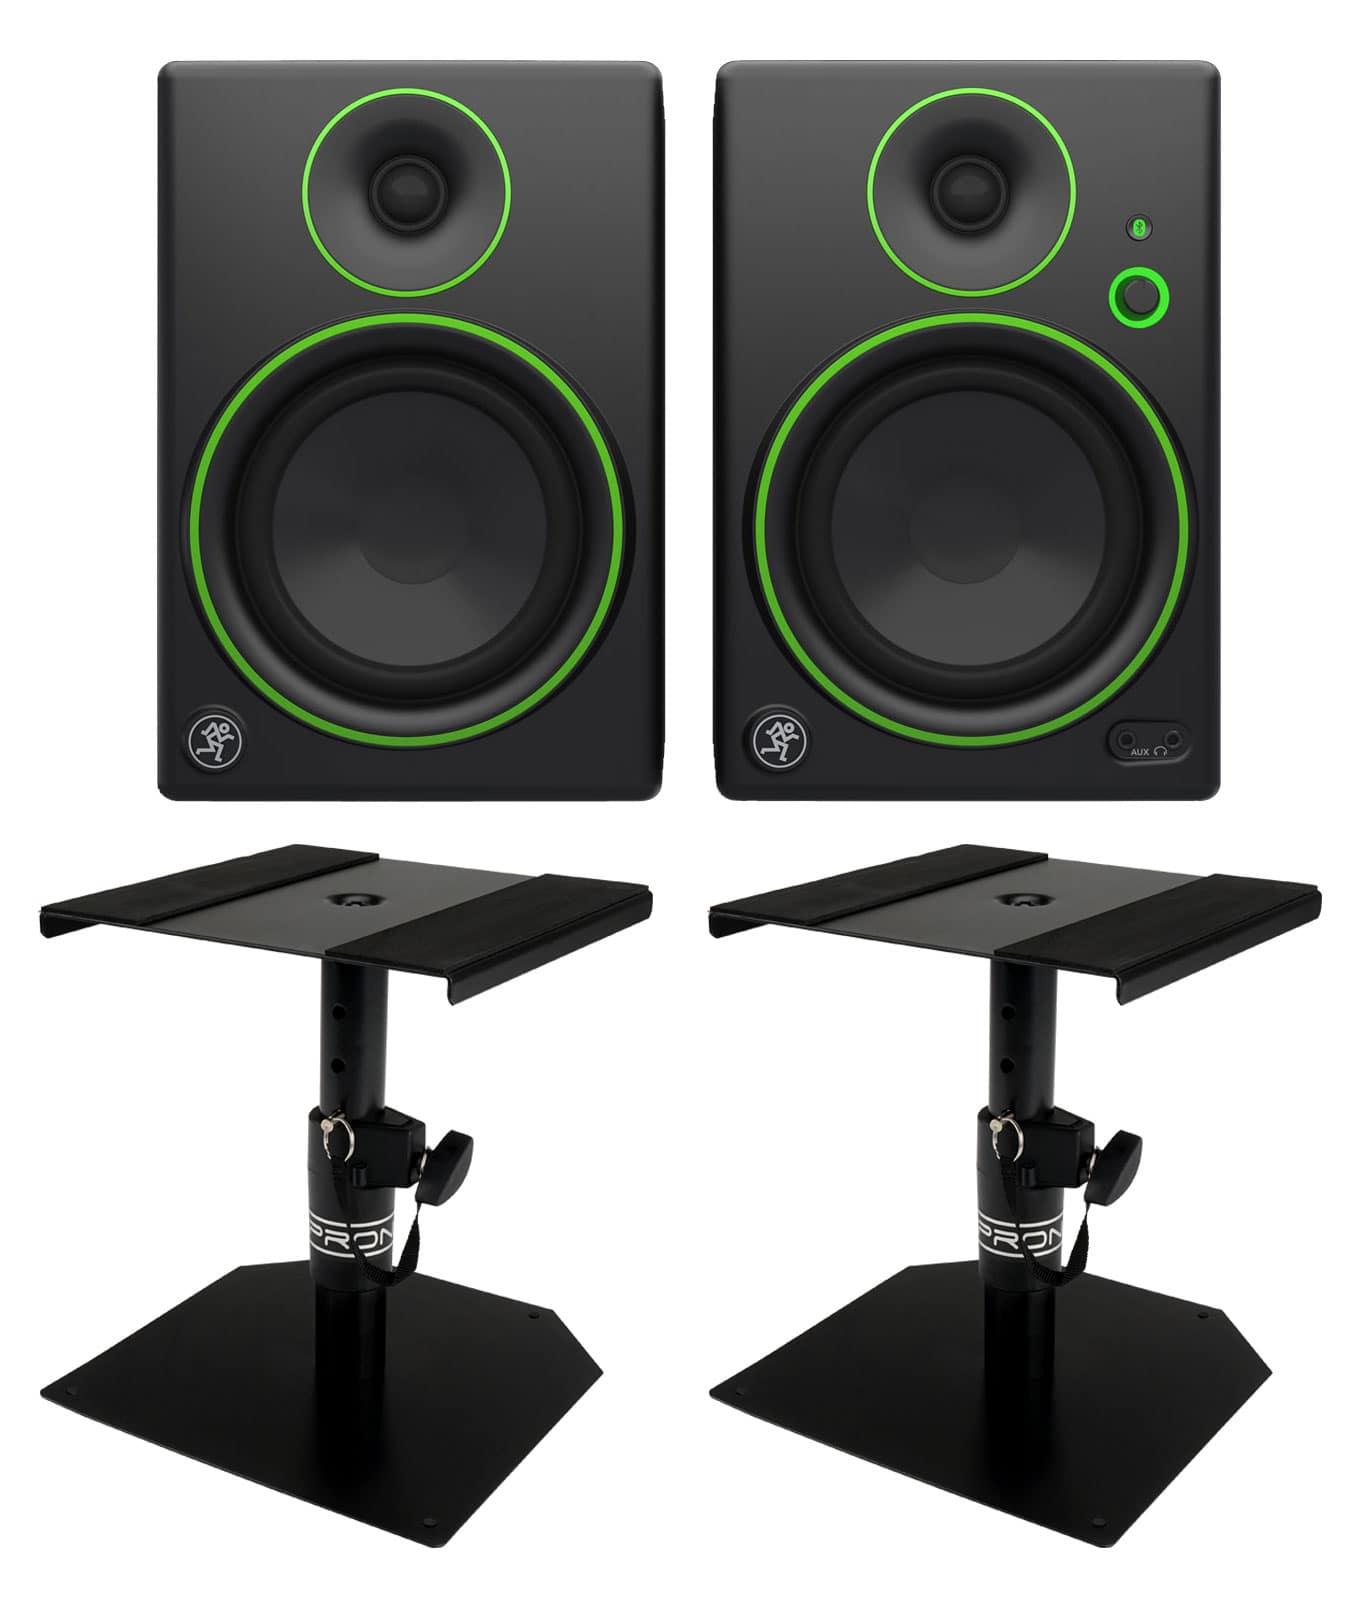 Studiomonitore - Mackie CR5BT Monitor Tischstativ Set - Onlineshop Musikhaus Kirstein